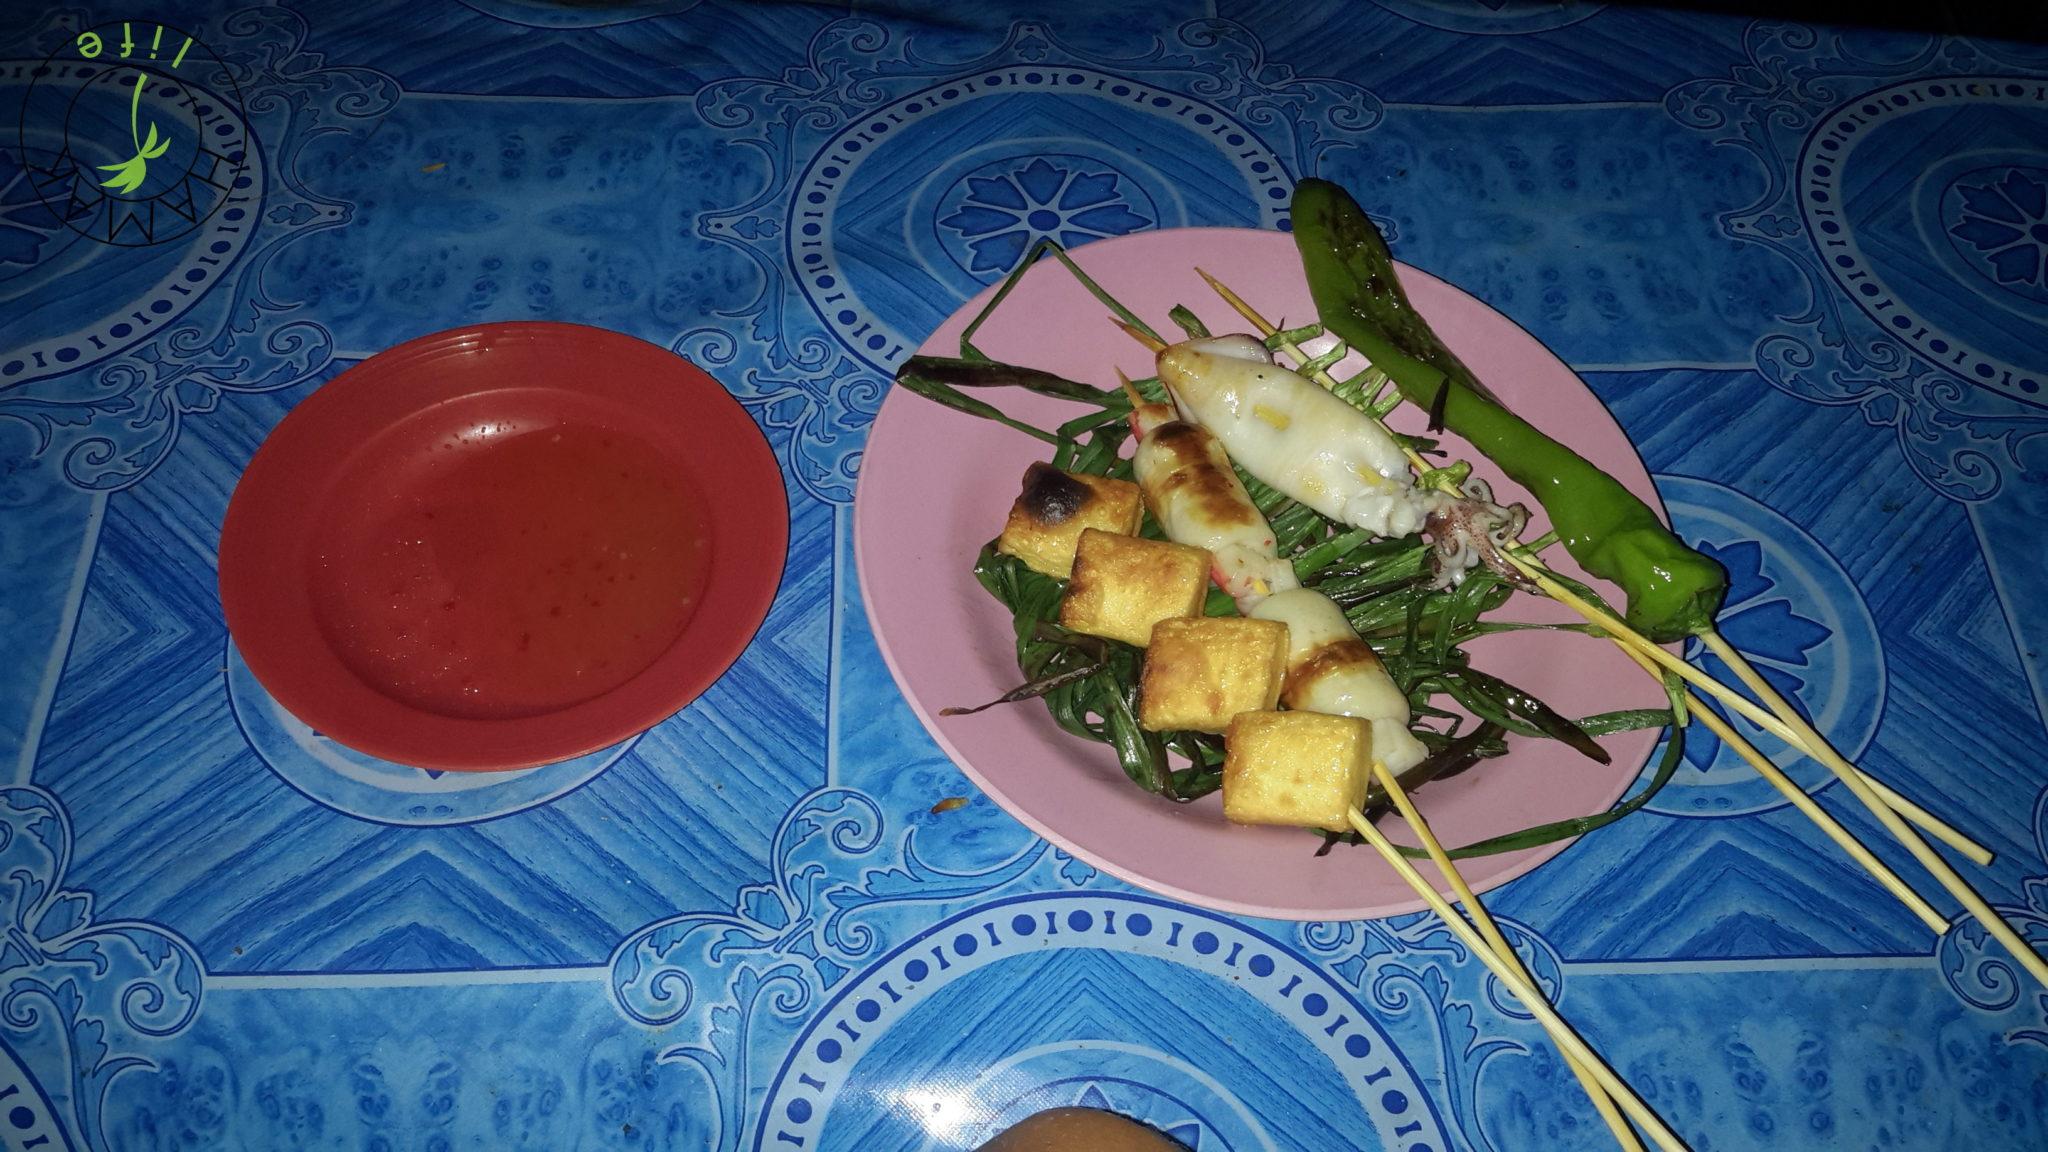 Danie za 10 tyś. kipiów w Laosie - grill lokalny